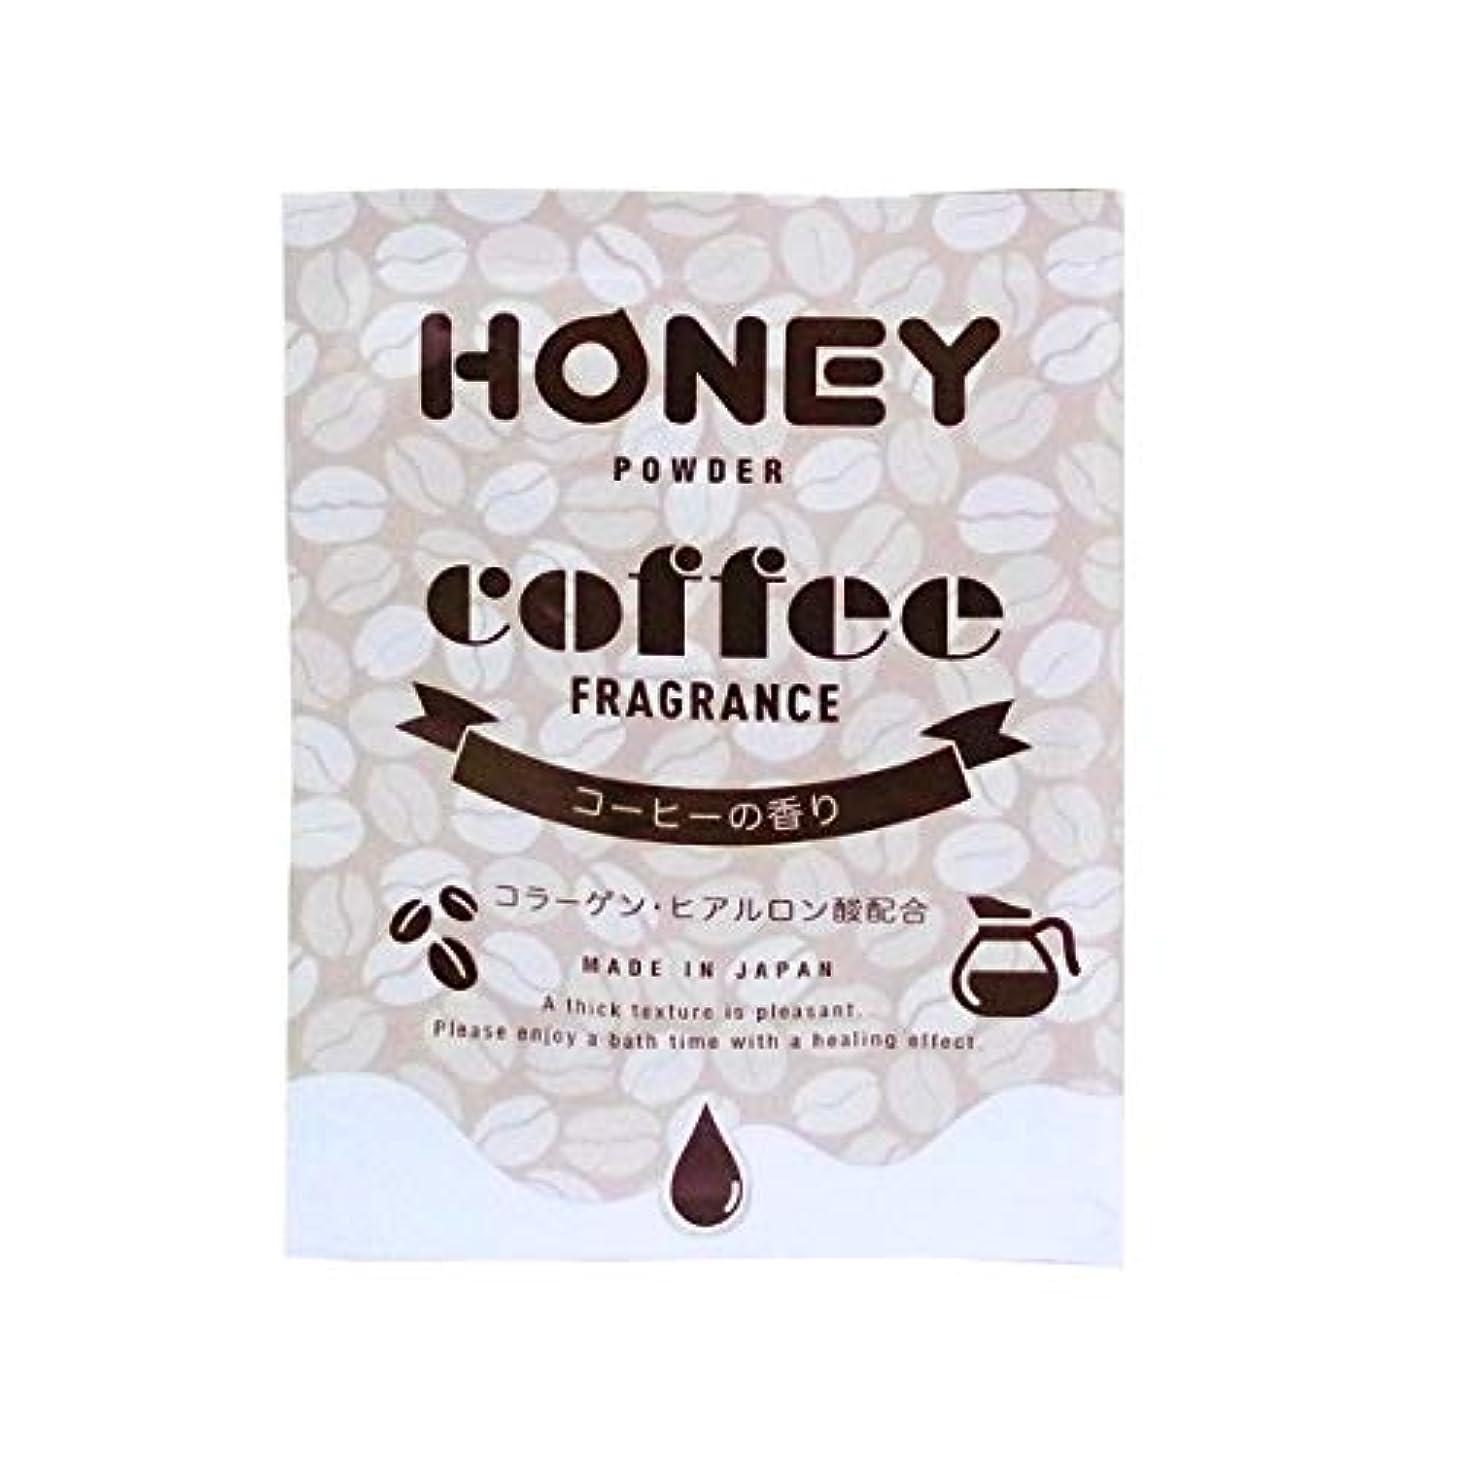 シリング配る聴衆とろとろ入浴剤【honey powder】(ハニーパウダー) コーヒーの香り 粉末タイプ ローション